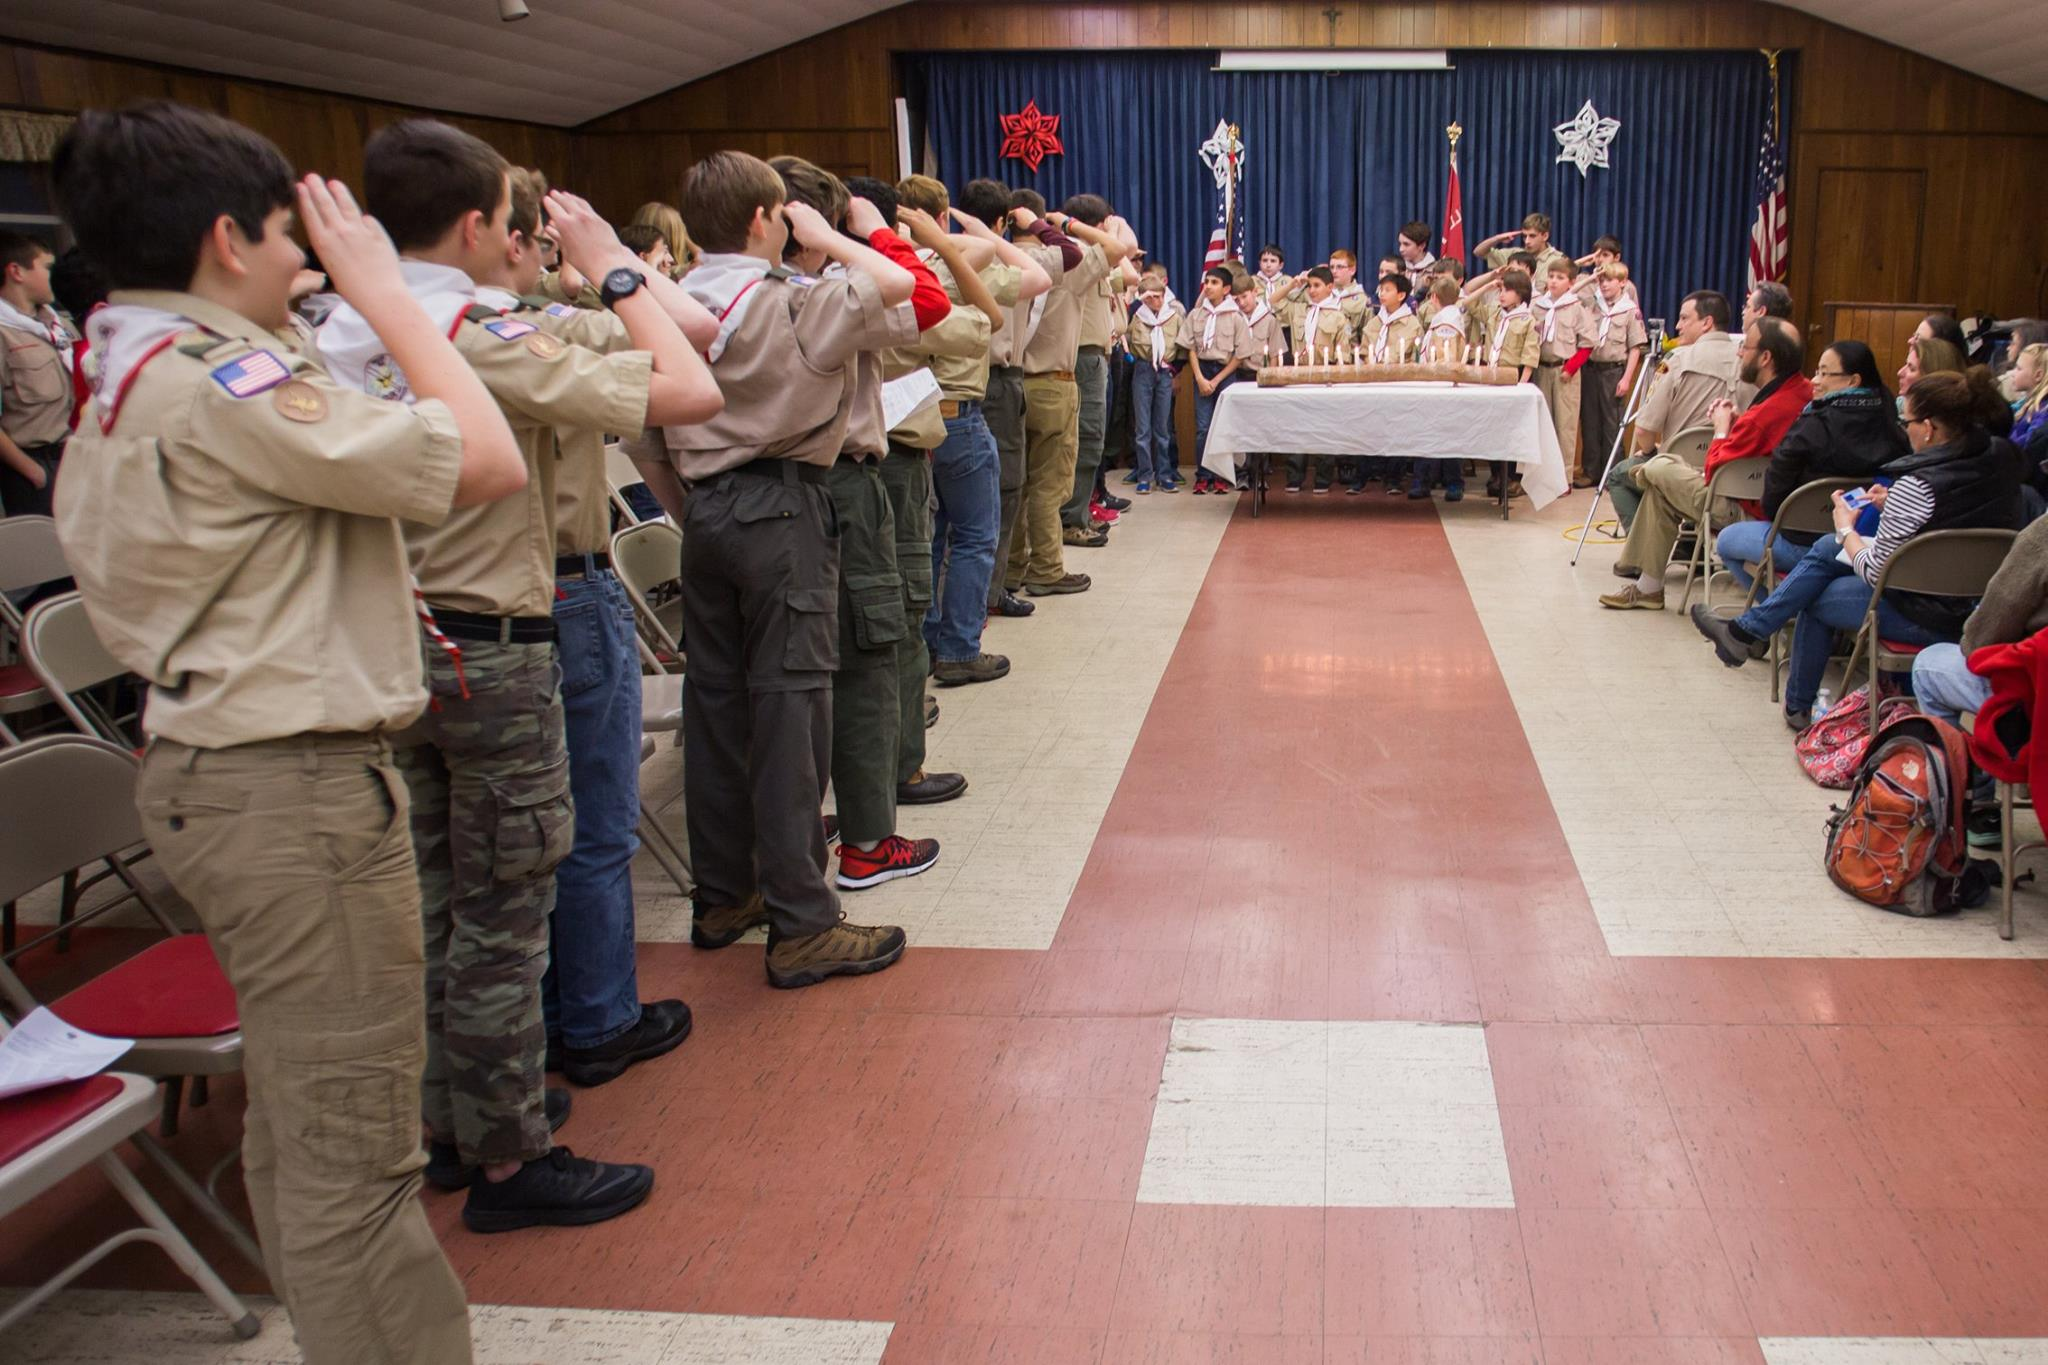 596ada95406b5fba267e_Scout_salute_3-14-16.jpg